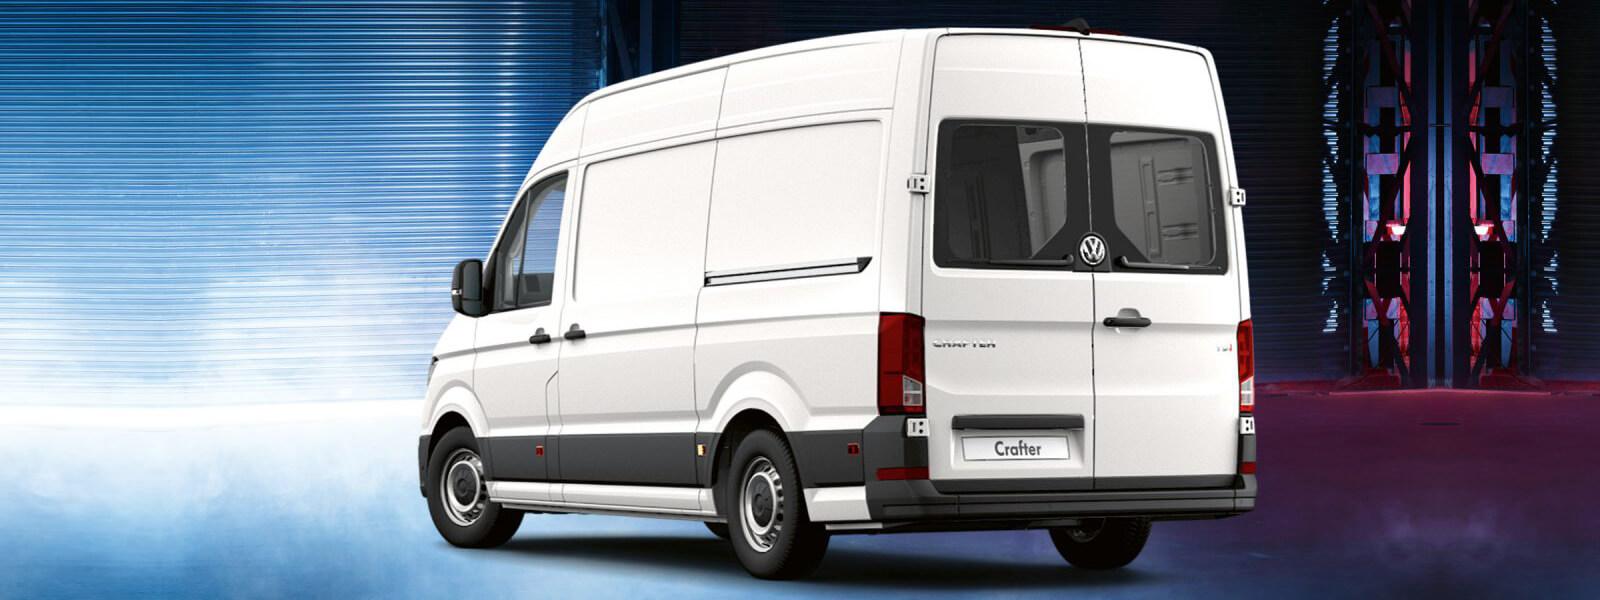 bd637cfbc1 New Volkswagen Crafter for sale - Austral Volkswagen